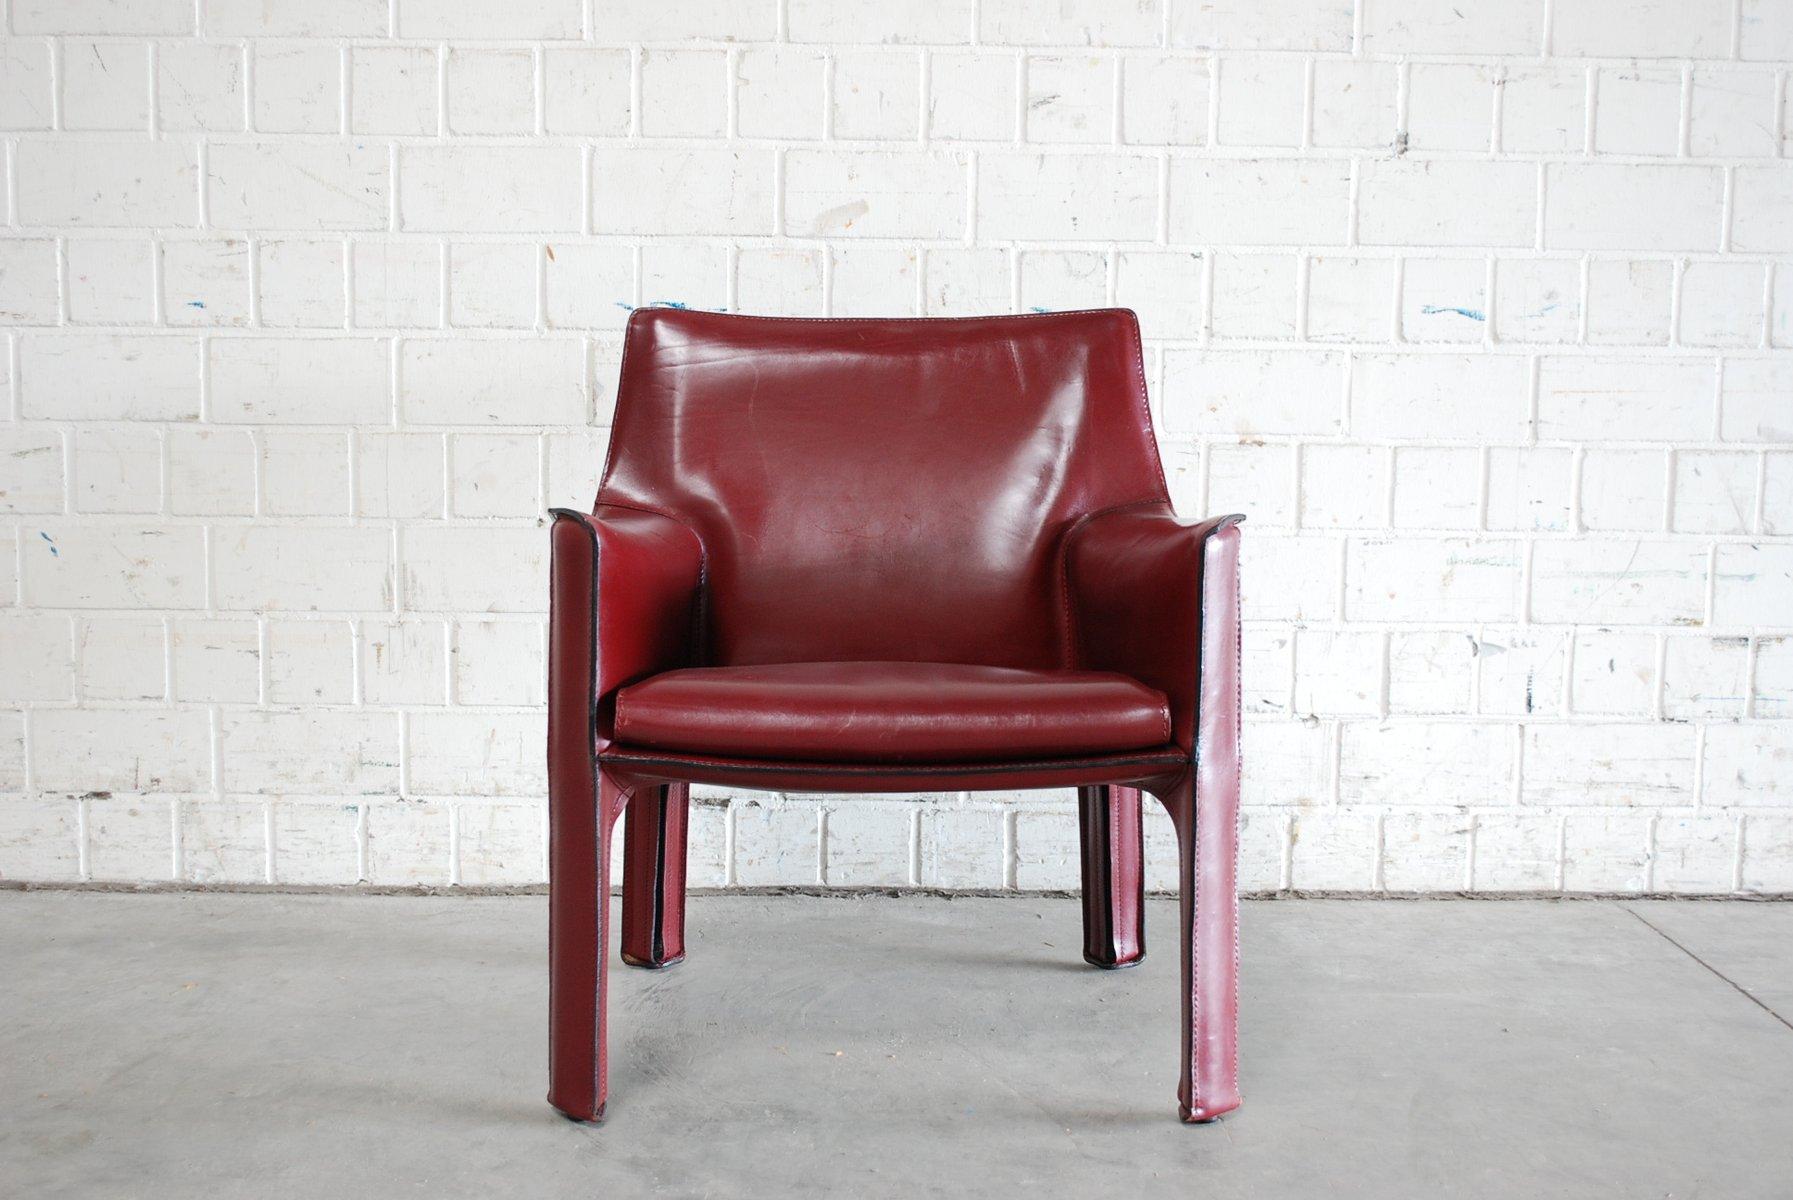 fauteuil cab 414 bordeaux par mario bellini pour cassina. Black Bedroom Furniture Sets. Home Design Ideas